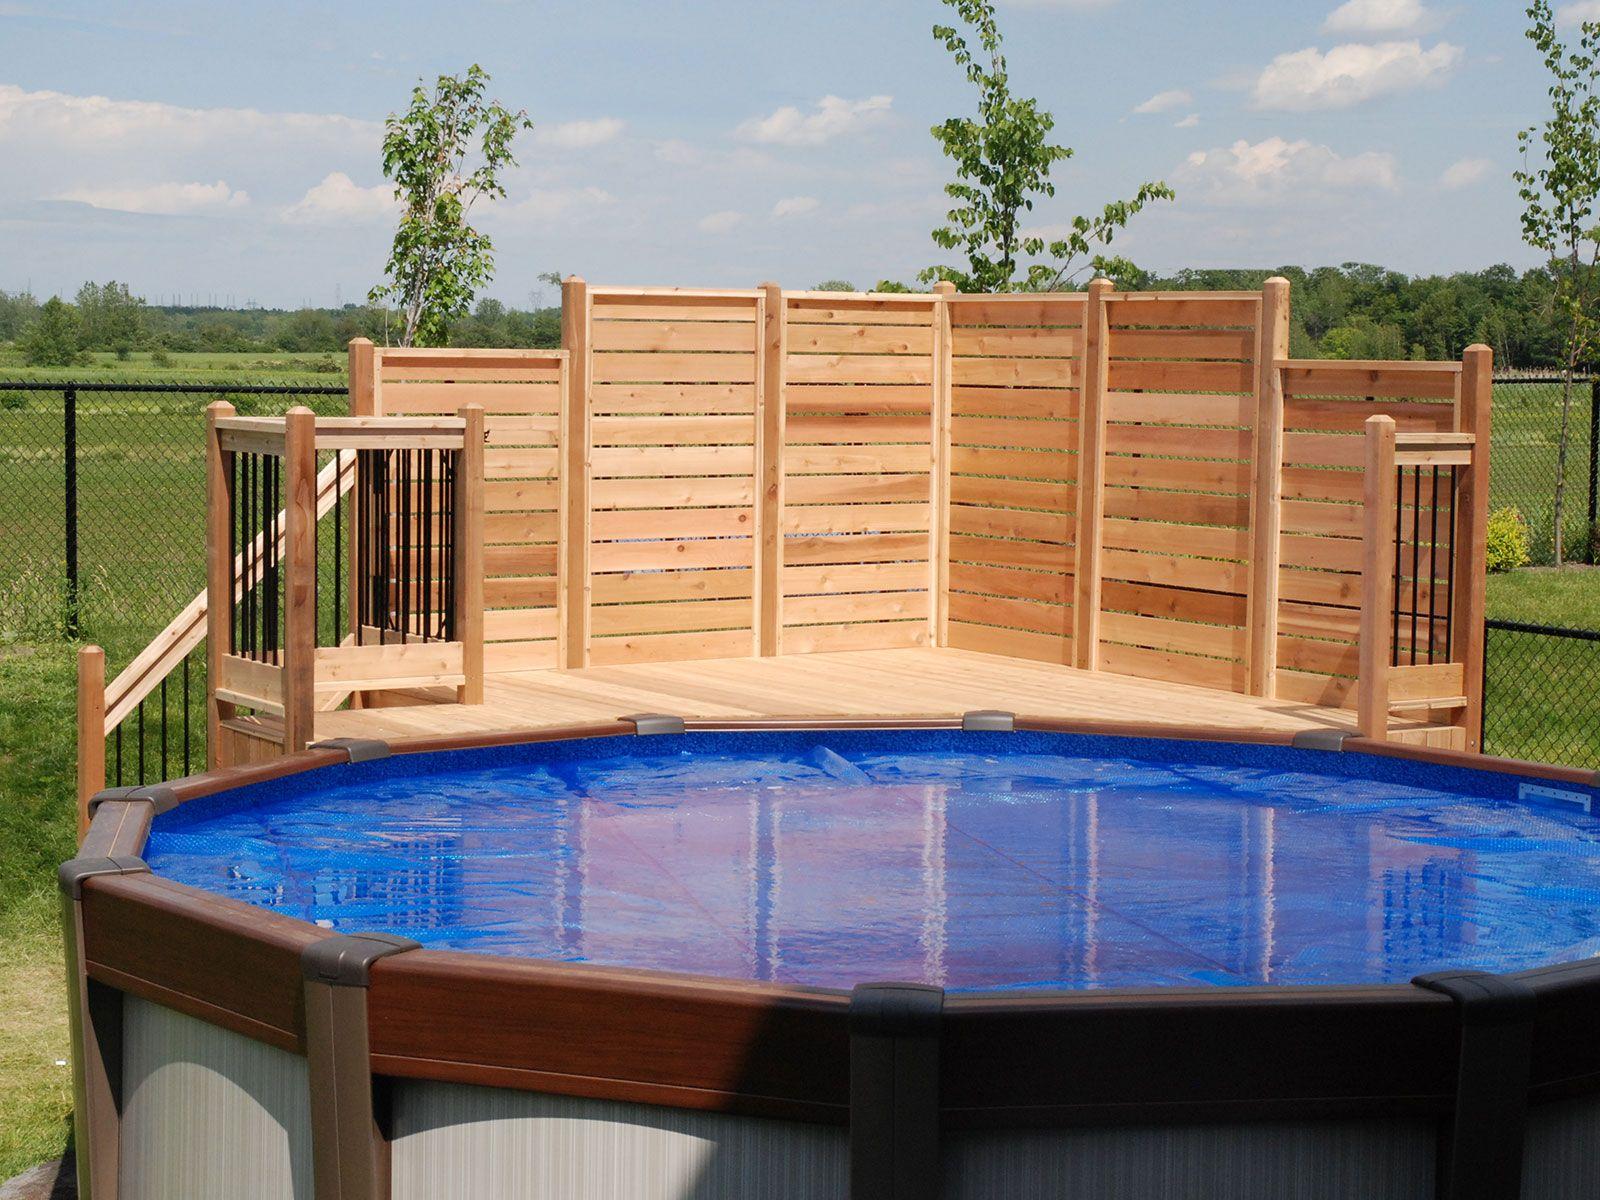 Deck de piscine en c dre et aluminium amenagement - Amenagement terrasse piscine ...